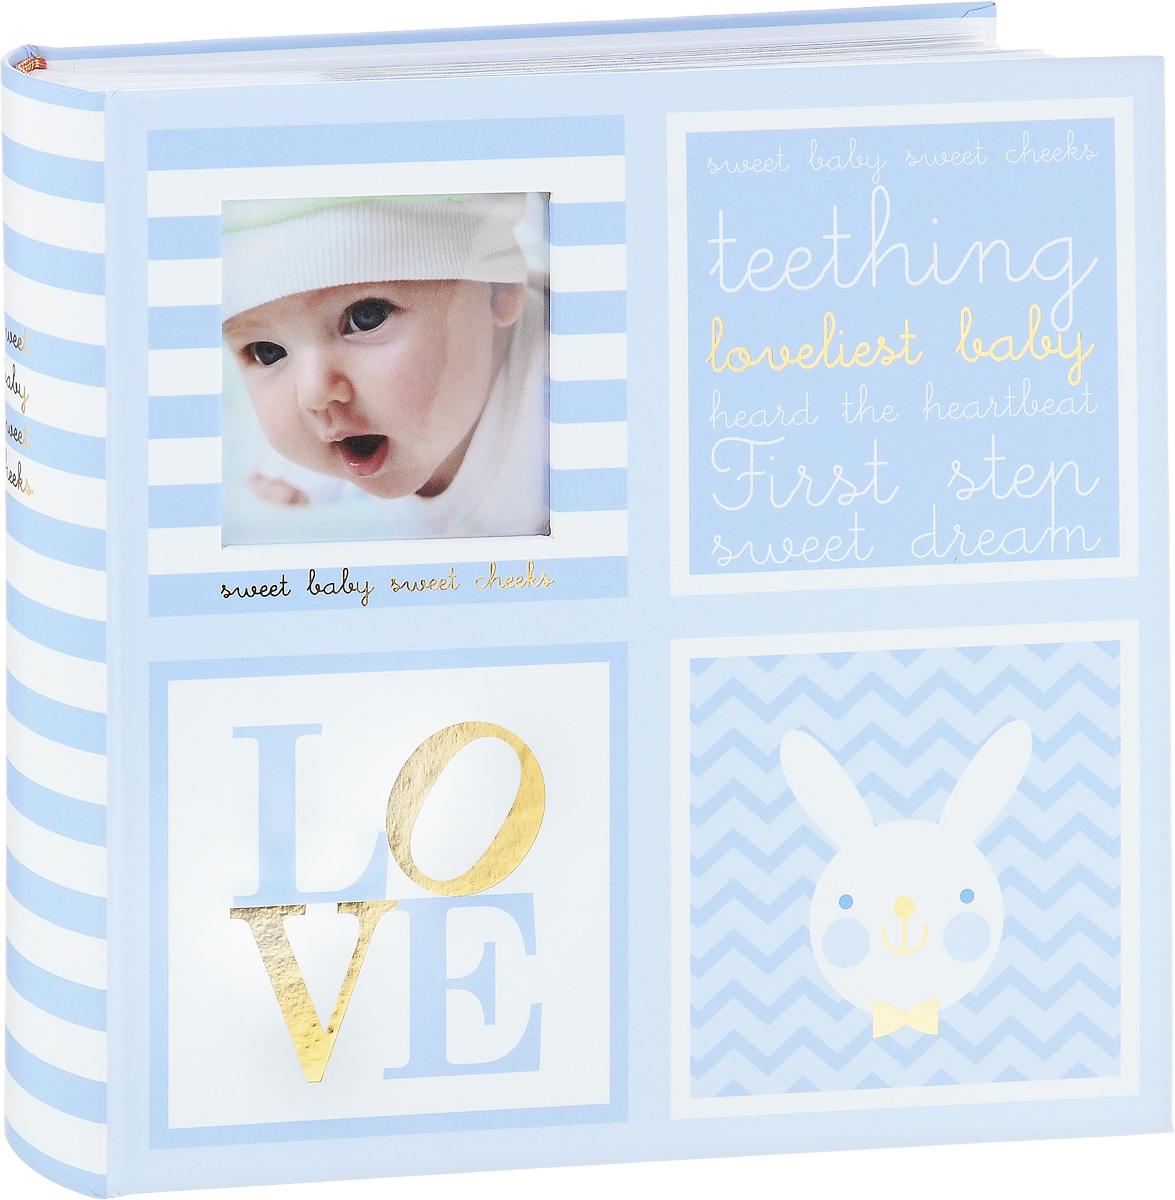 Фотоальбом Image Art Baby, 200 фотографий, 10 x 15 см, цвет: голубойBBM46200/2/026_голубой, полосыФотоальбом Image Art Baby, 200 фотографий, 10 x 15 см, цвет: голубой